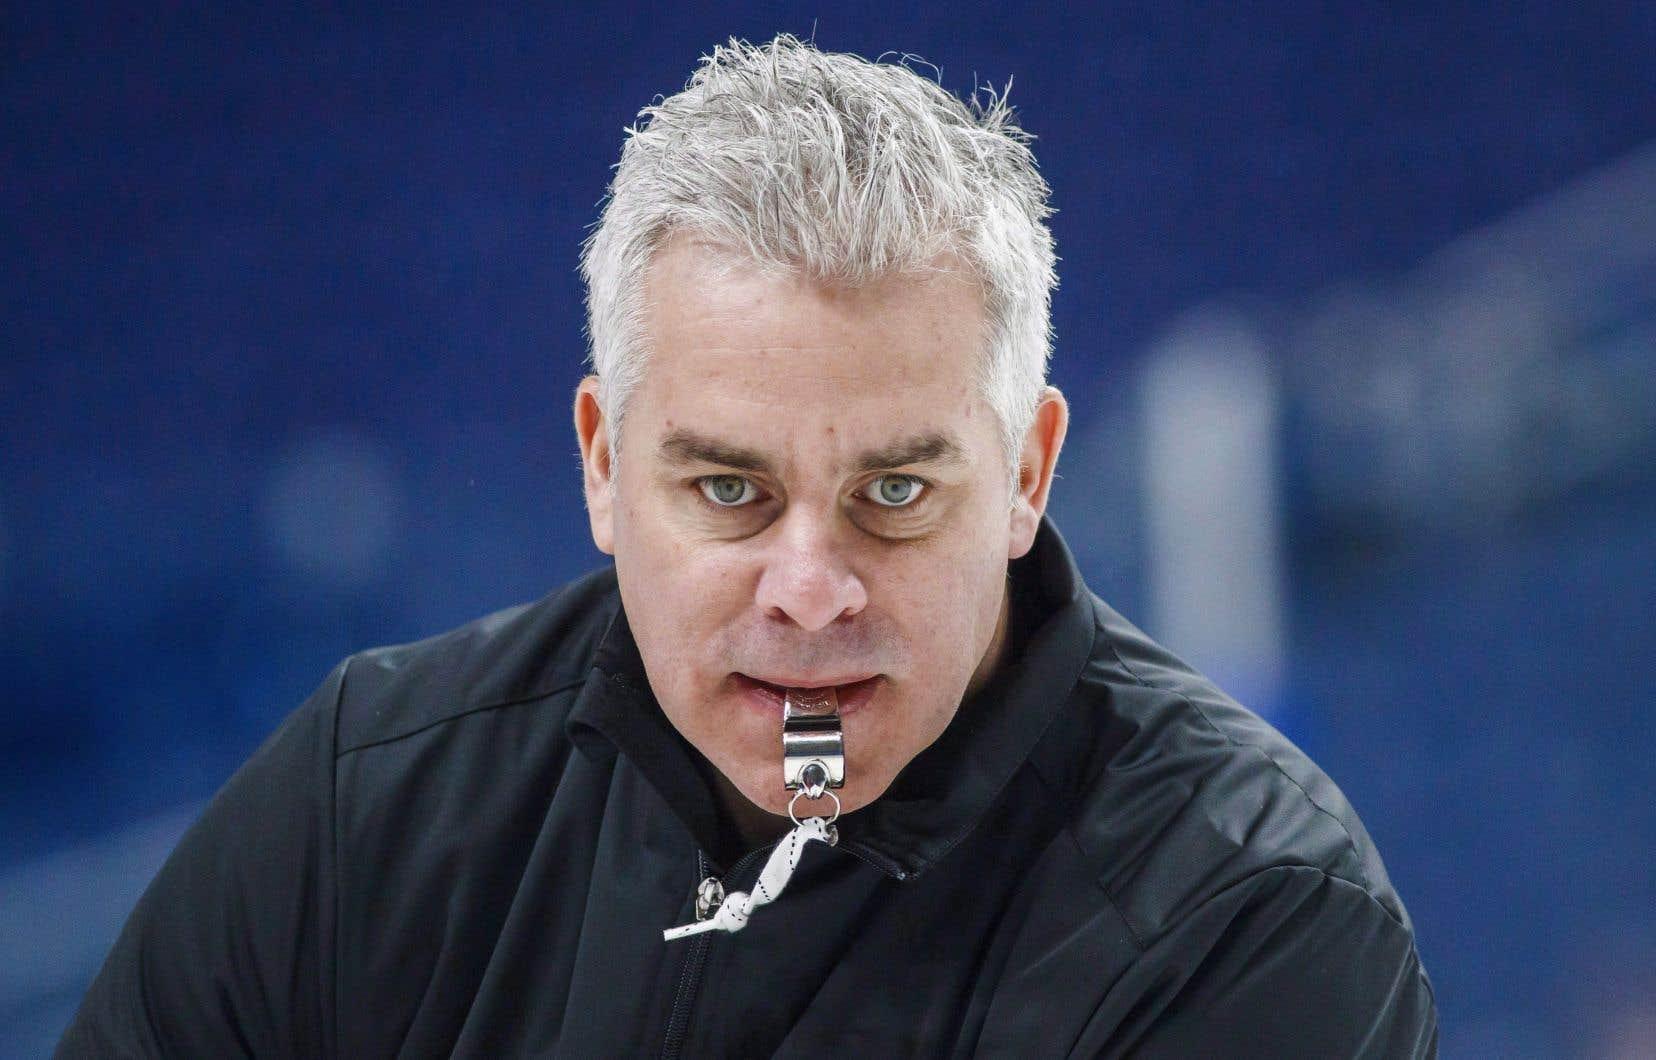 Âgé de 45ans, Ducharme a passé les dix dernières saisons comme entraîneur dans la Ligue de hockey junior majeur du Québec, dont les sept dernières comme entraîneur-chef.